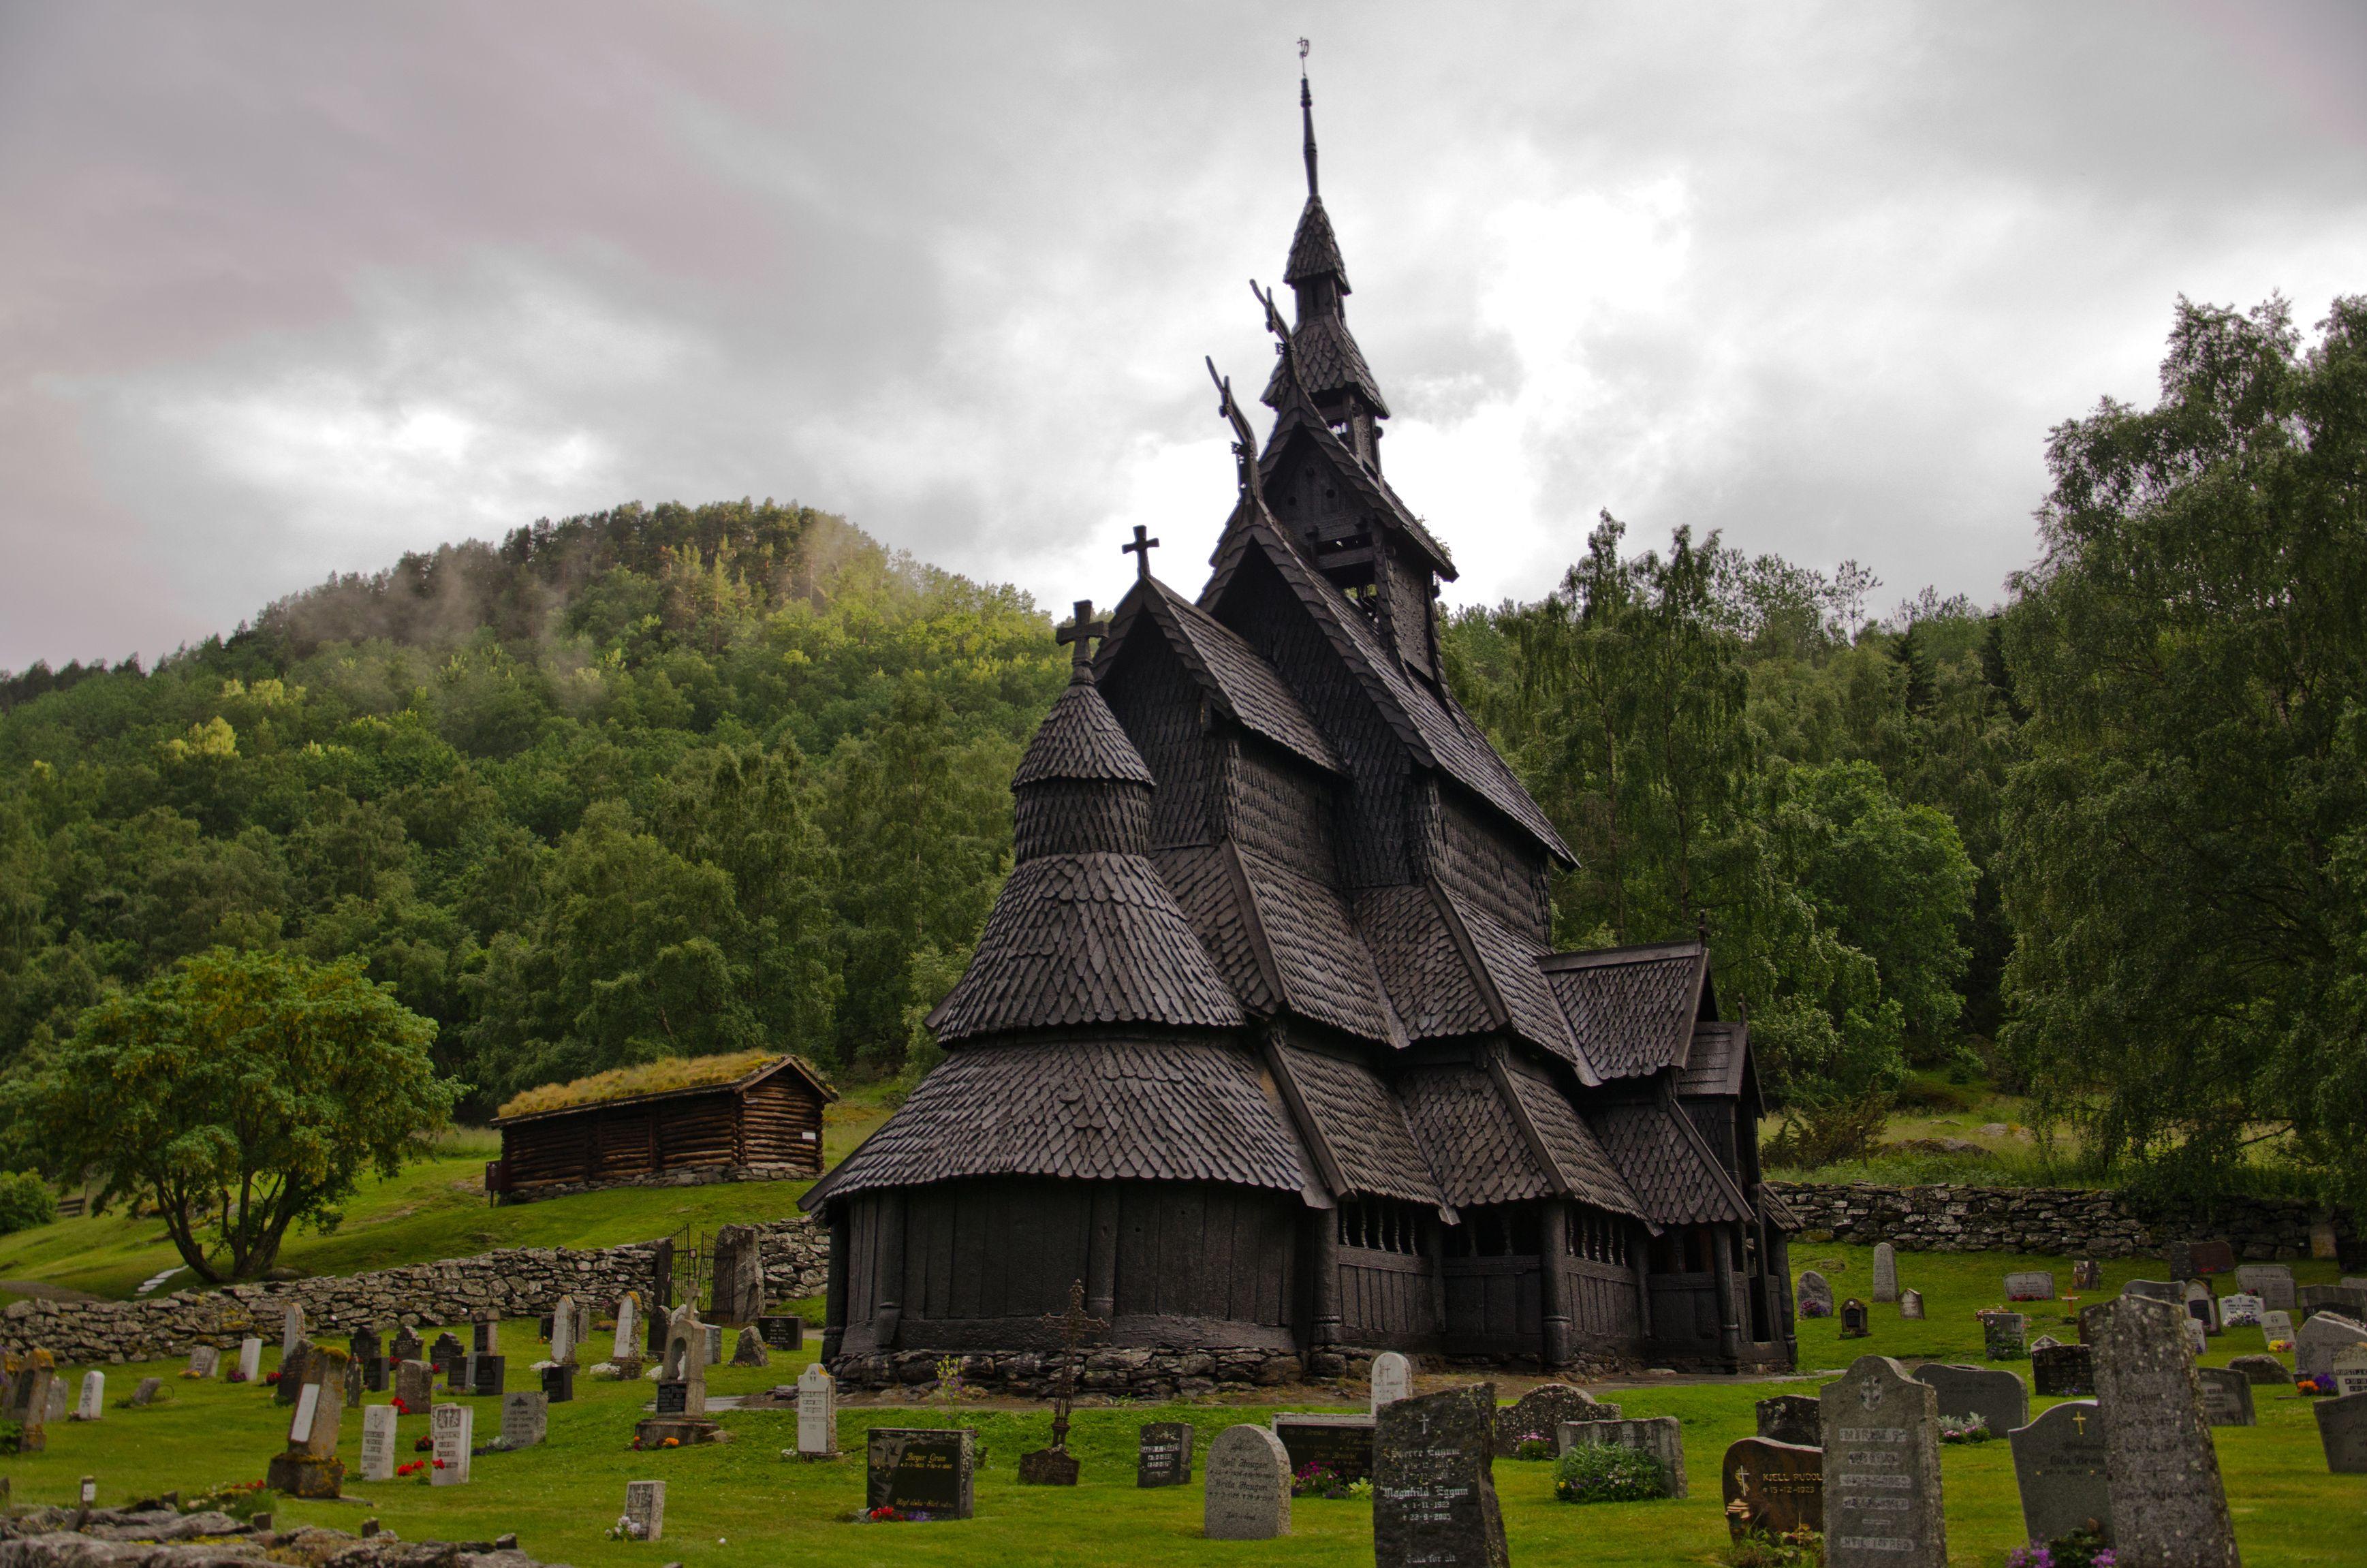 Imagini pentru Biserica Borgund Stave, Laerdal, Norvegia